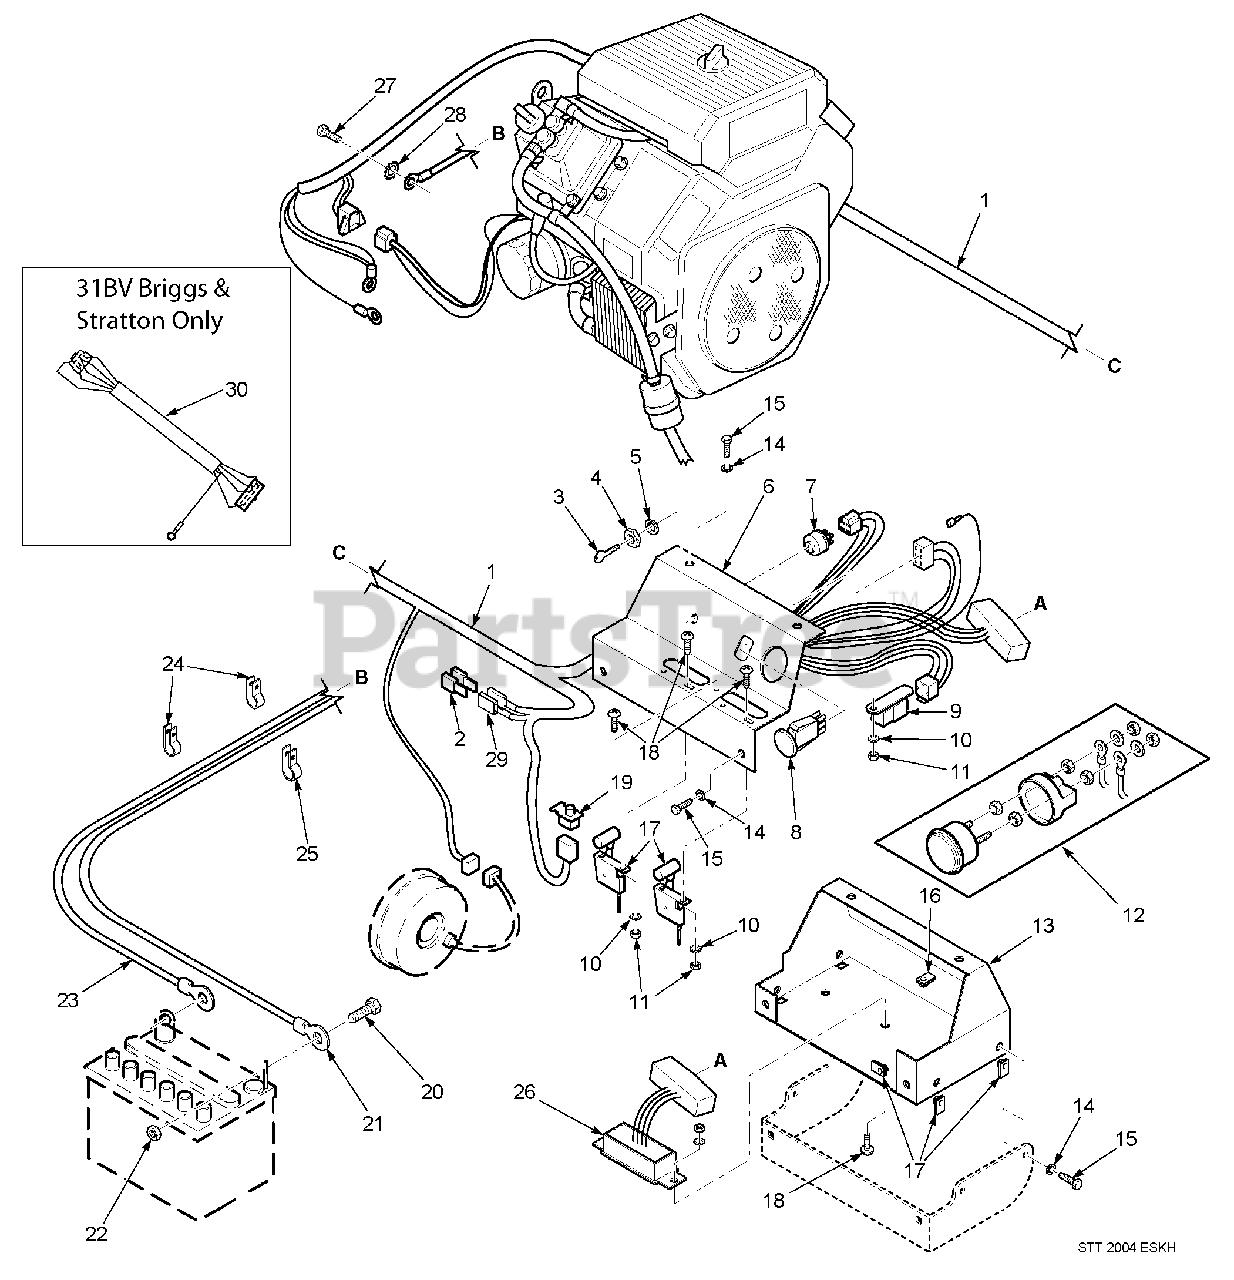 Scag Parts on the Electrical System (Kohler & 31BV